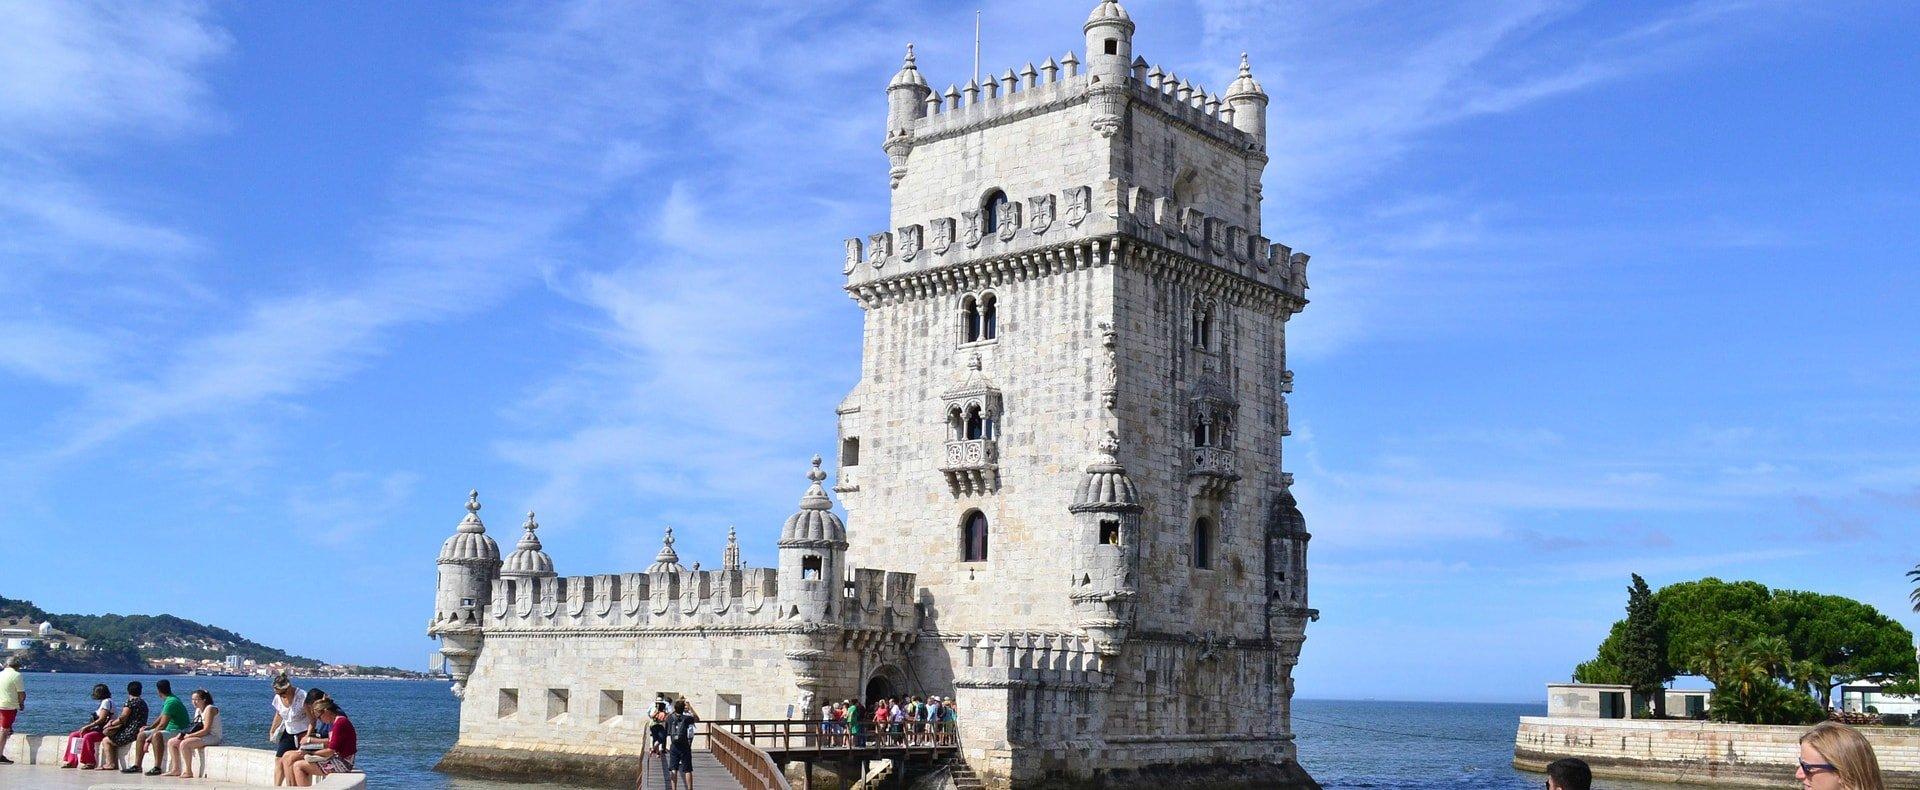 Belem Quarter, Lisbon